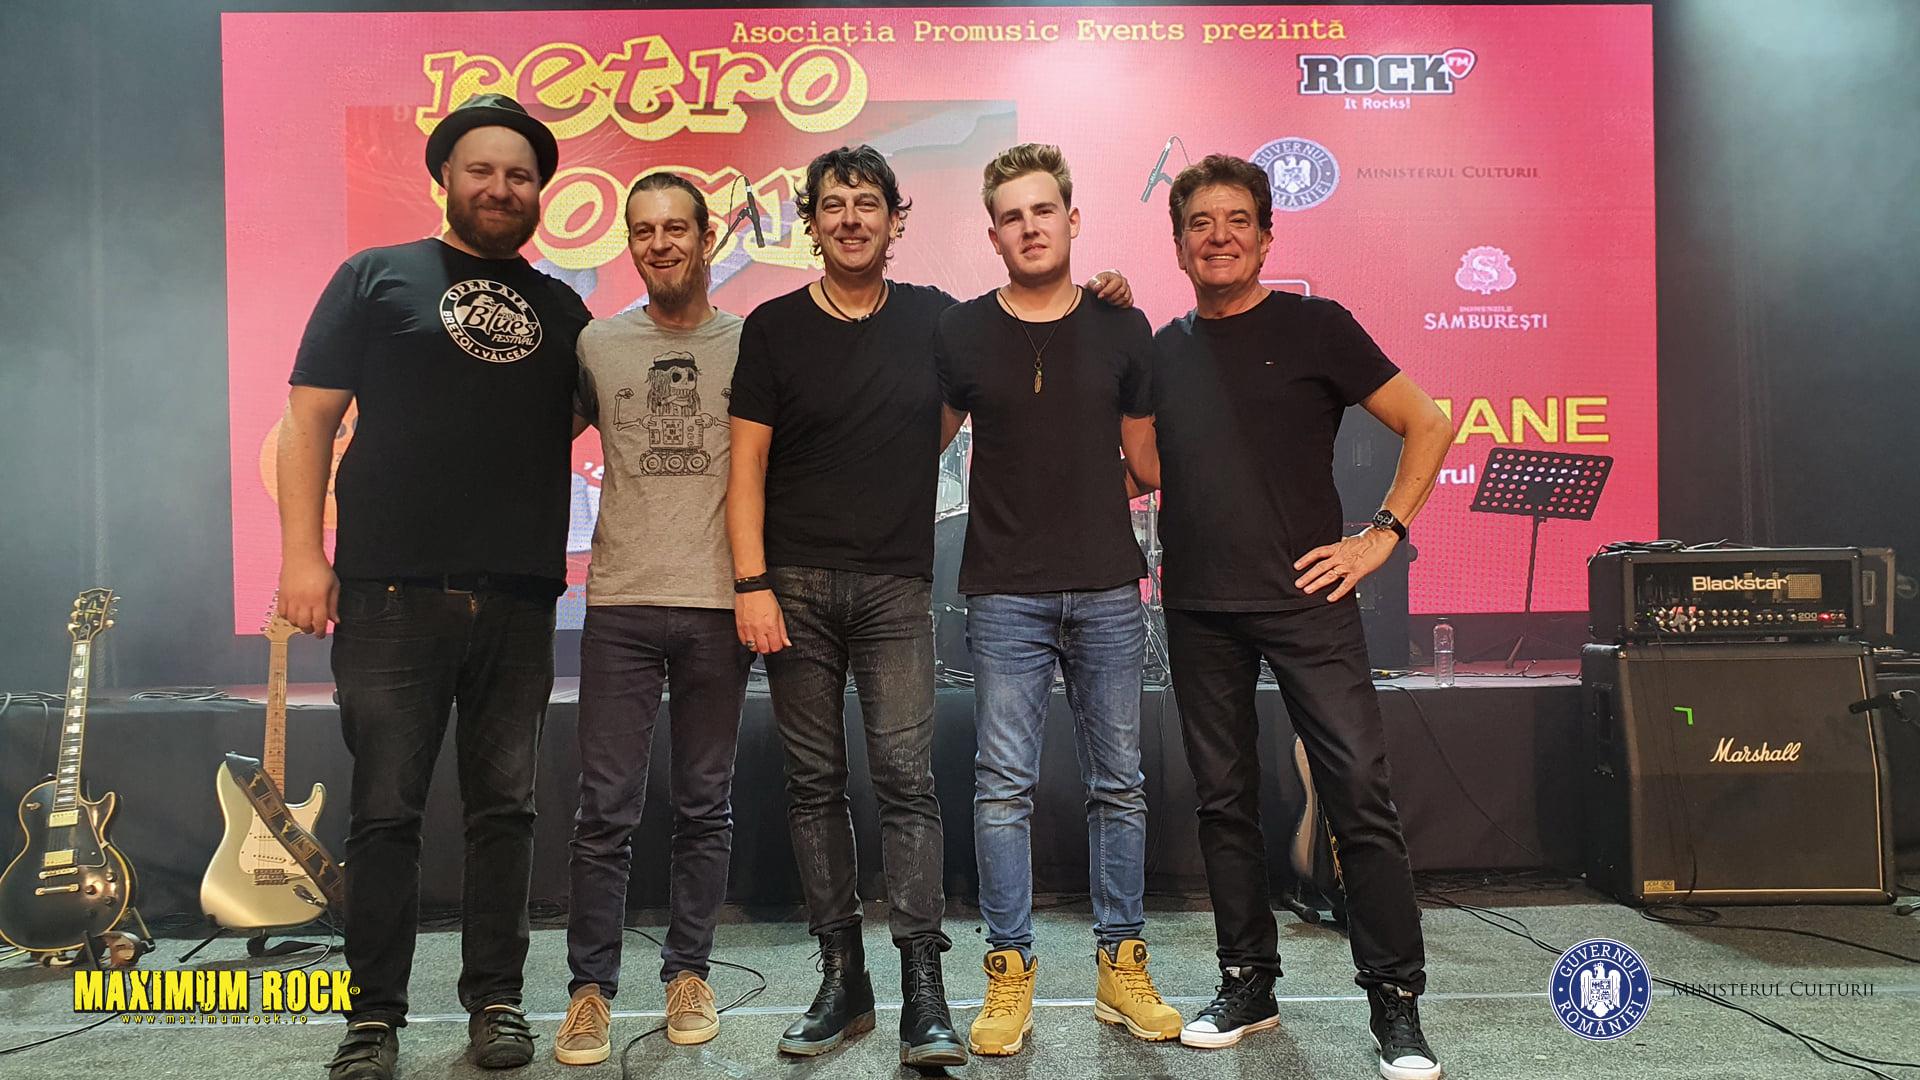 """Proiectul """"Retro rock"""" românesc, cu piese ale anilor '60-'80, este disponibil gratuit pe YouTube"""